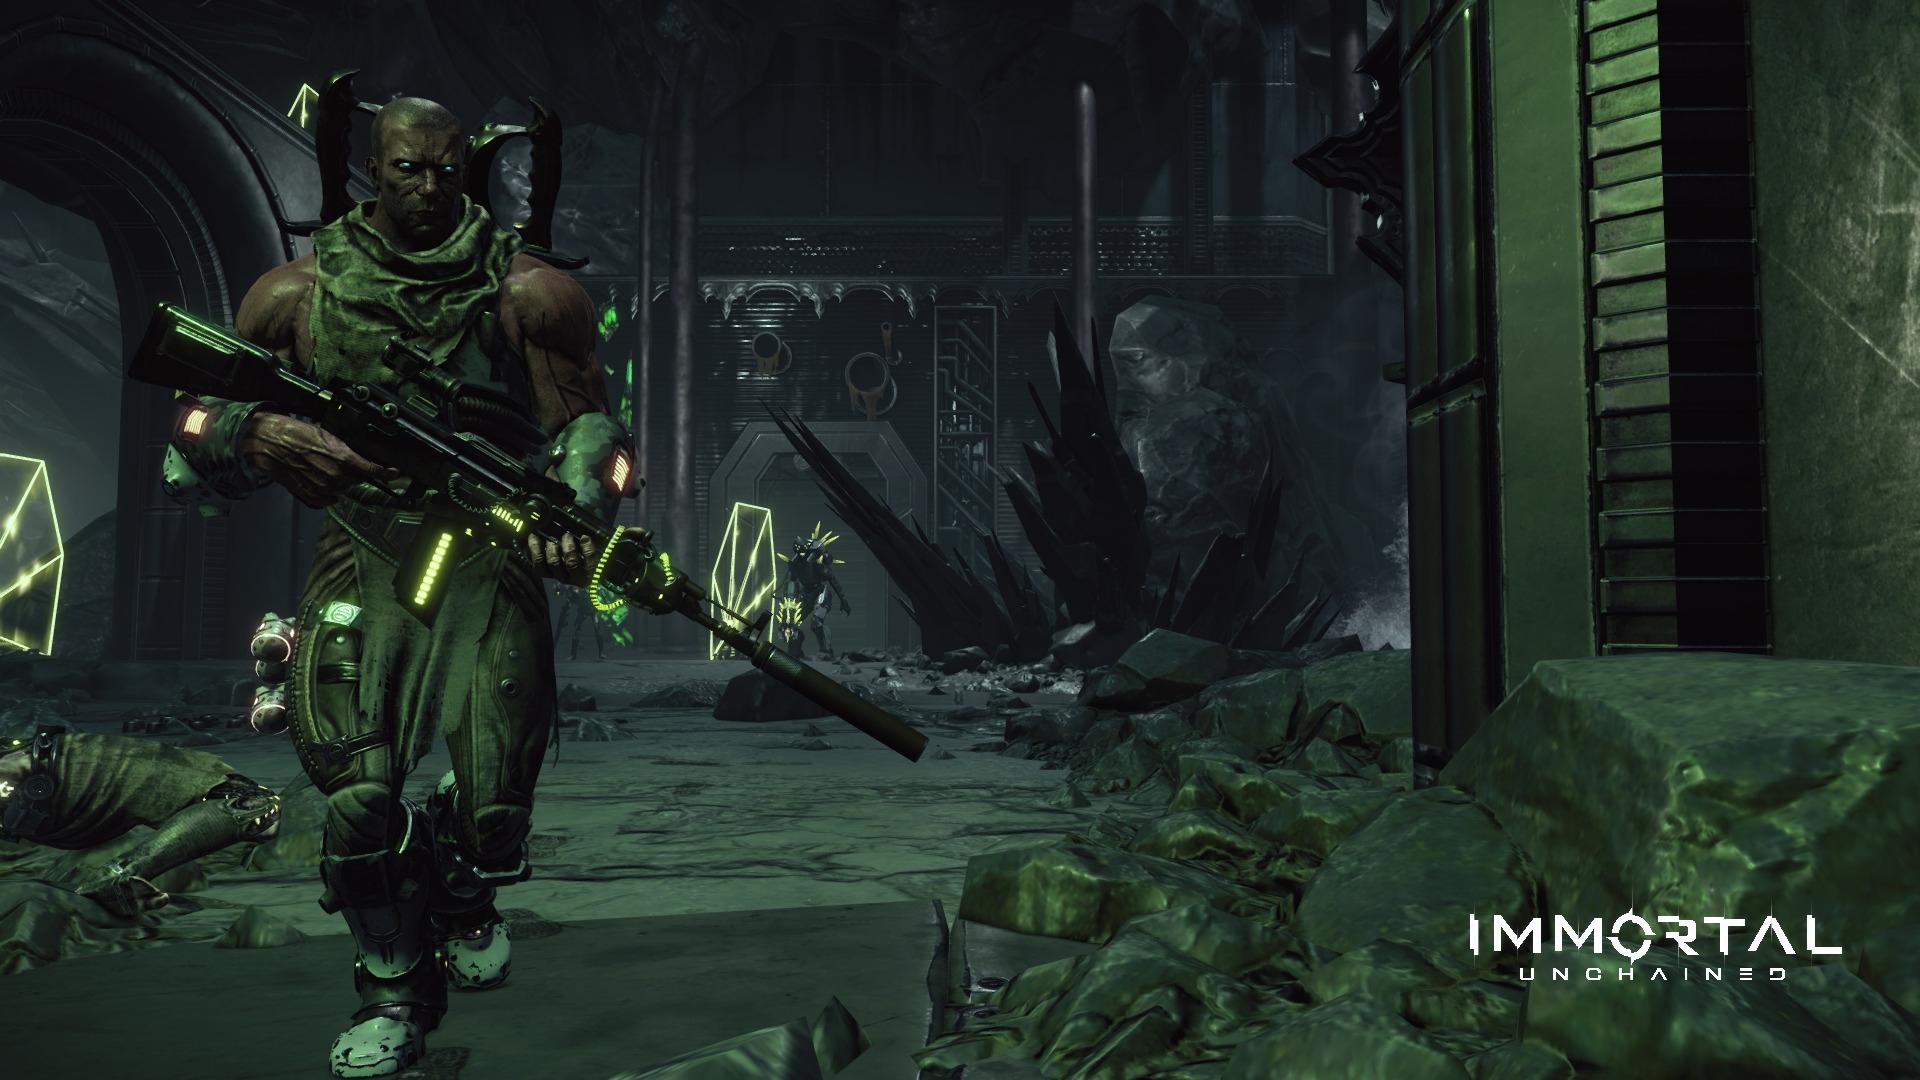 Появился 45 минутный геймплей с закрытого альфа-теста Immortal: Unchained